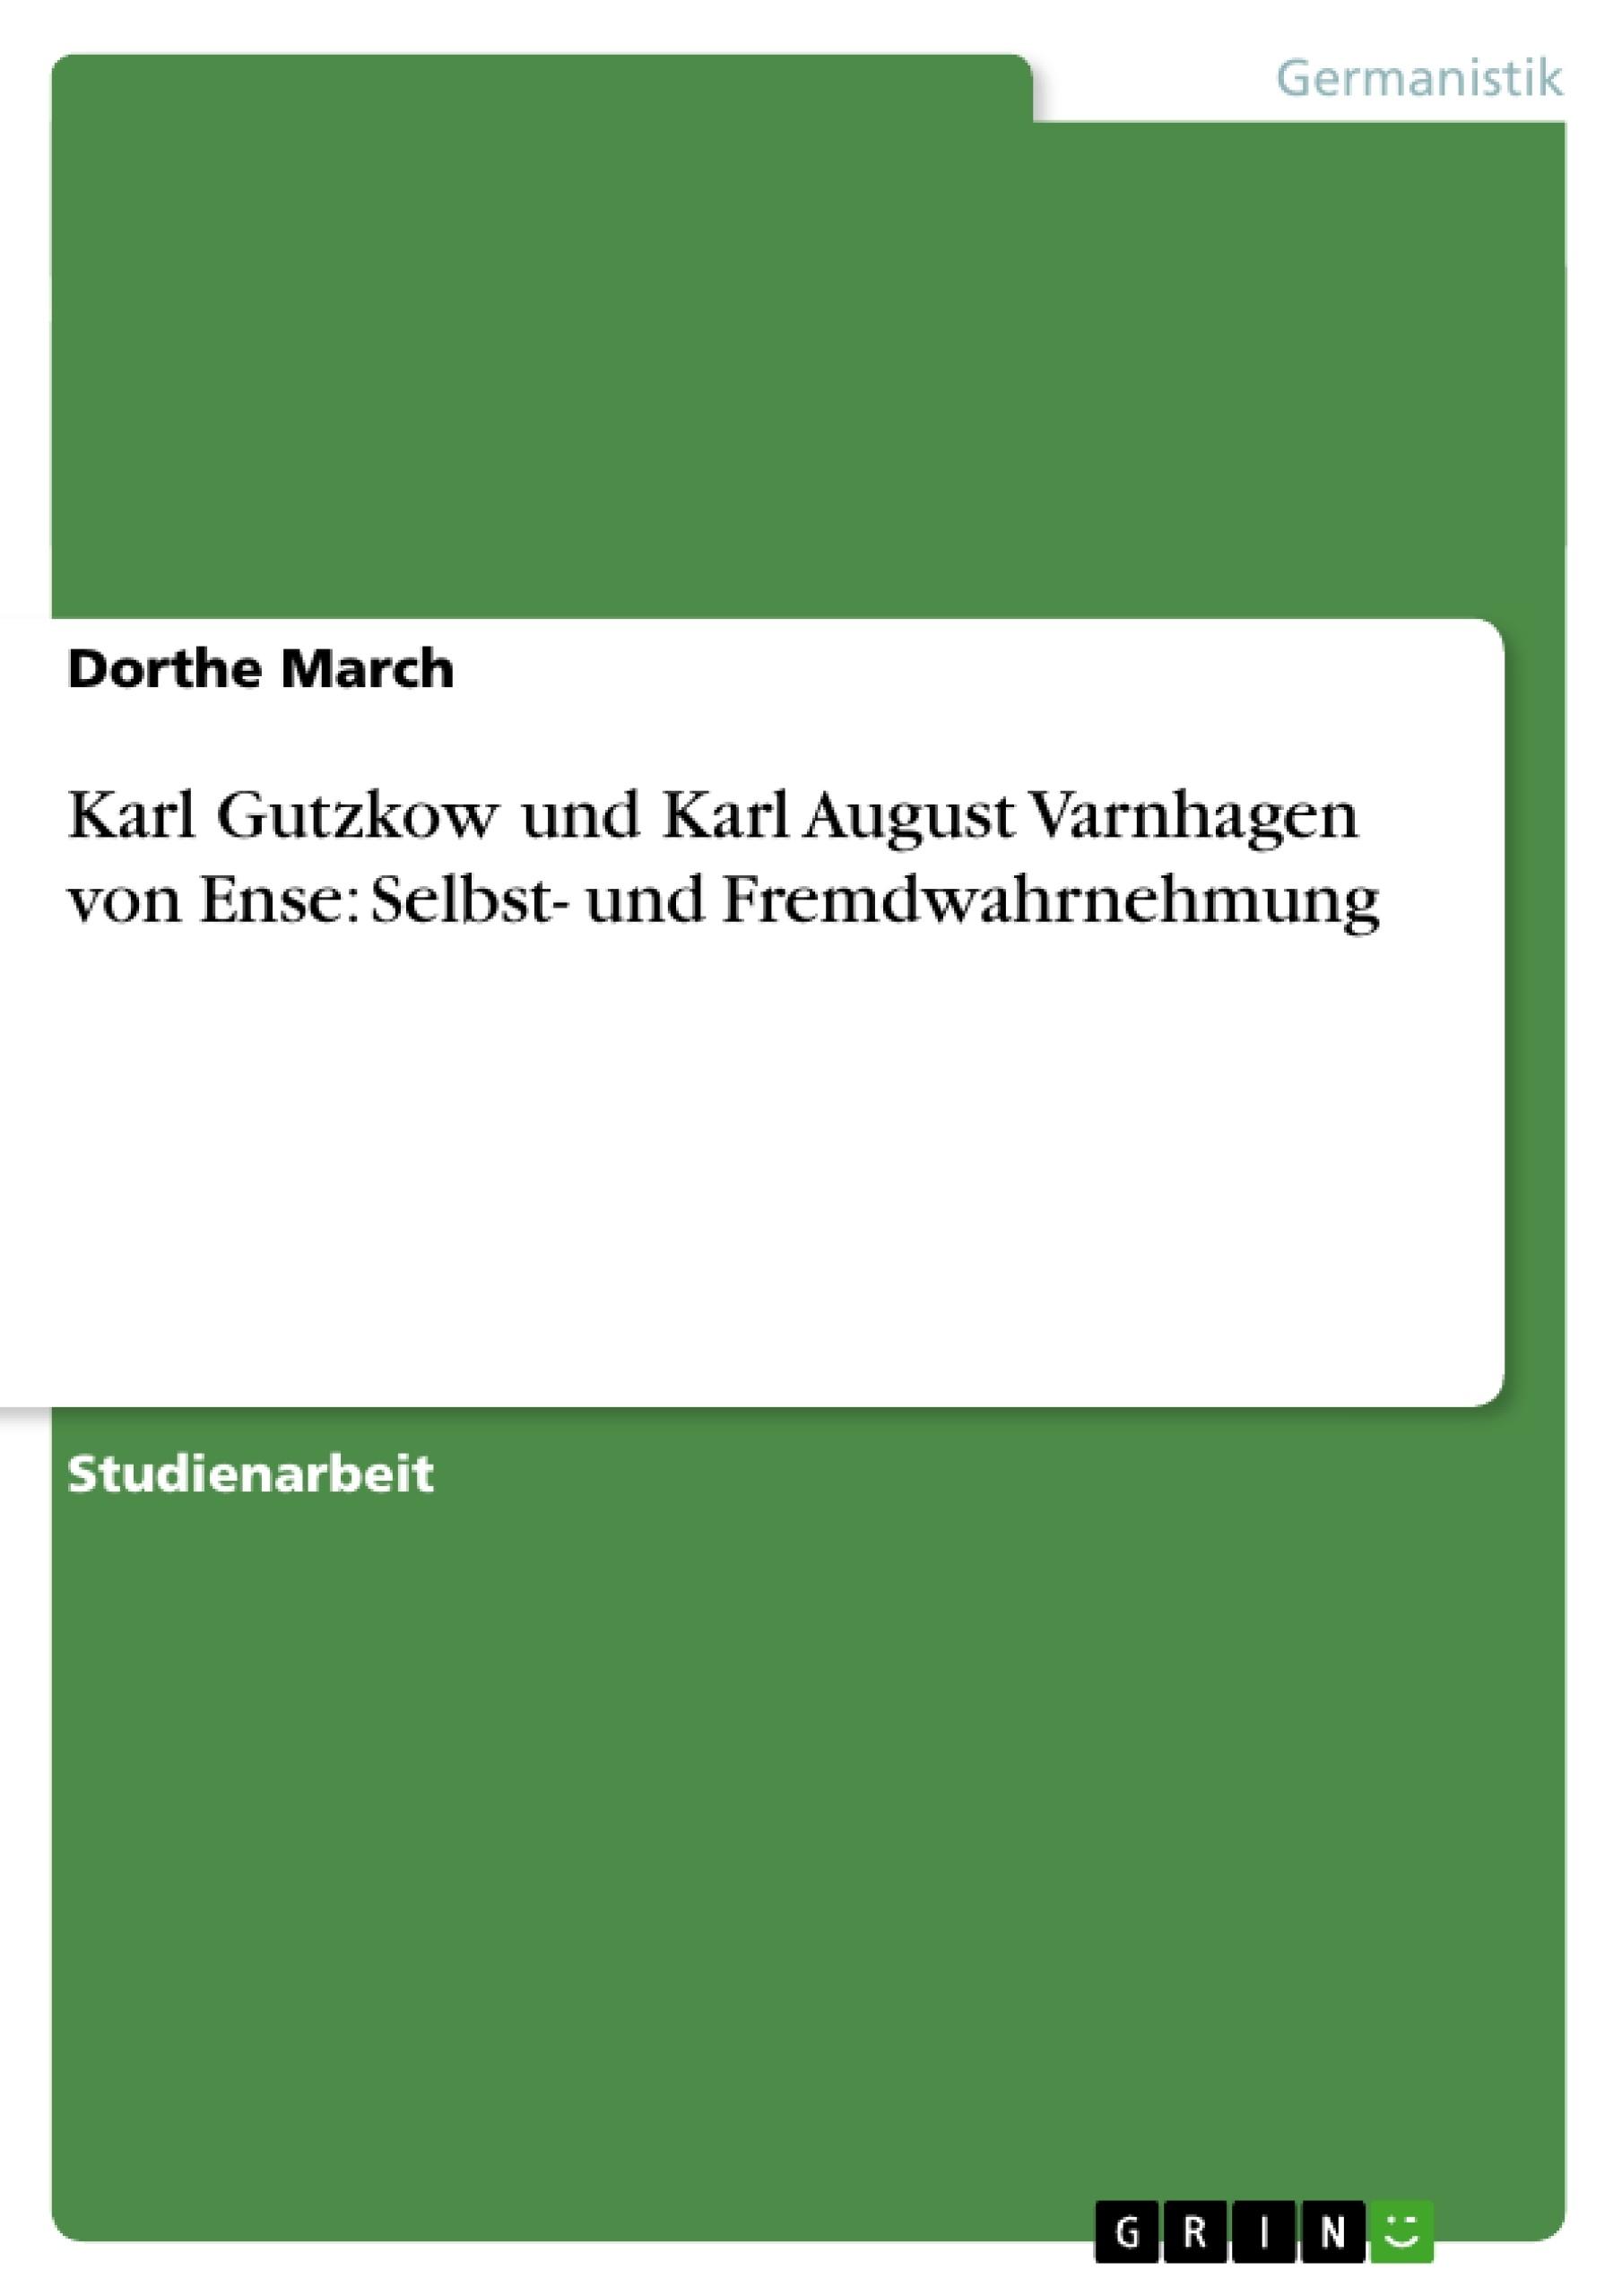 Titel: Karl Gutzkow und Karl August Varnhagen von Ense: Selbst- und Fremdwahrnehmung